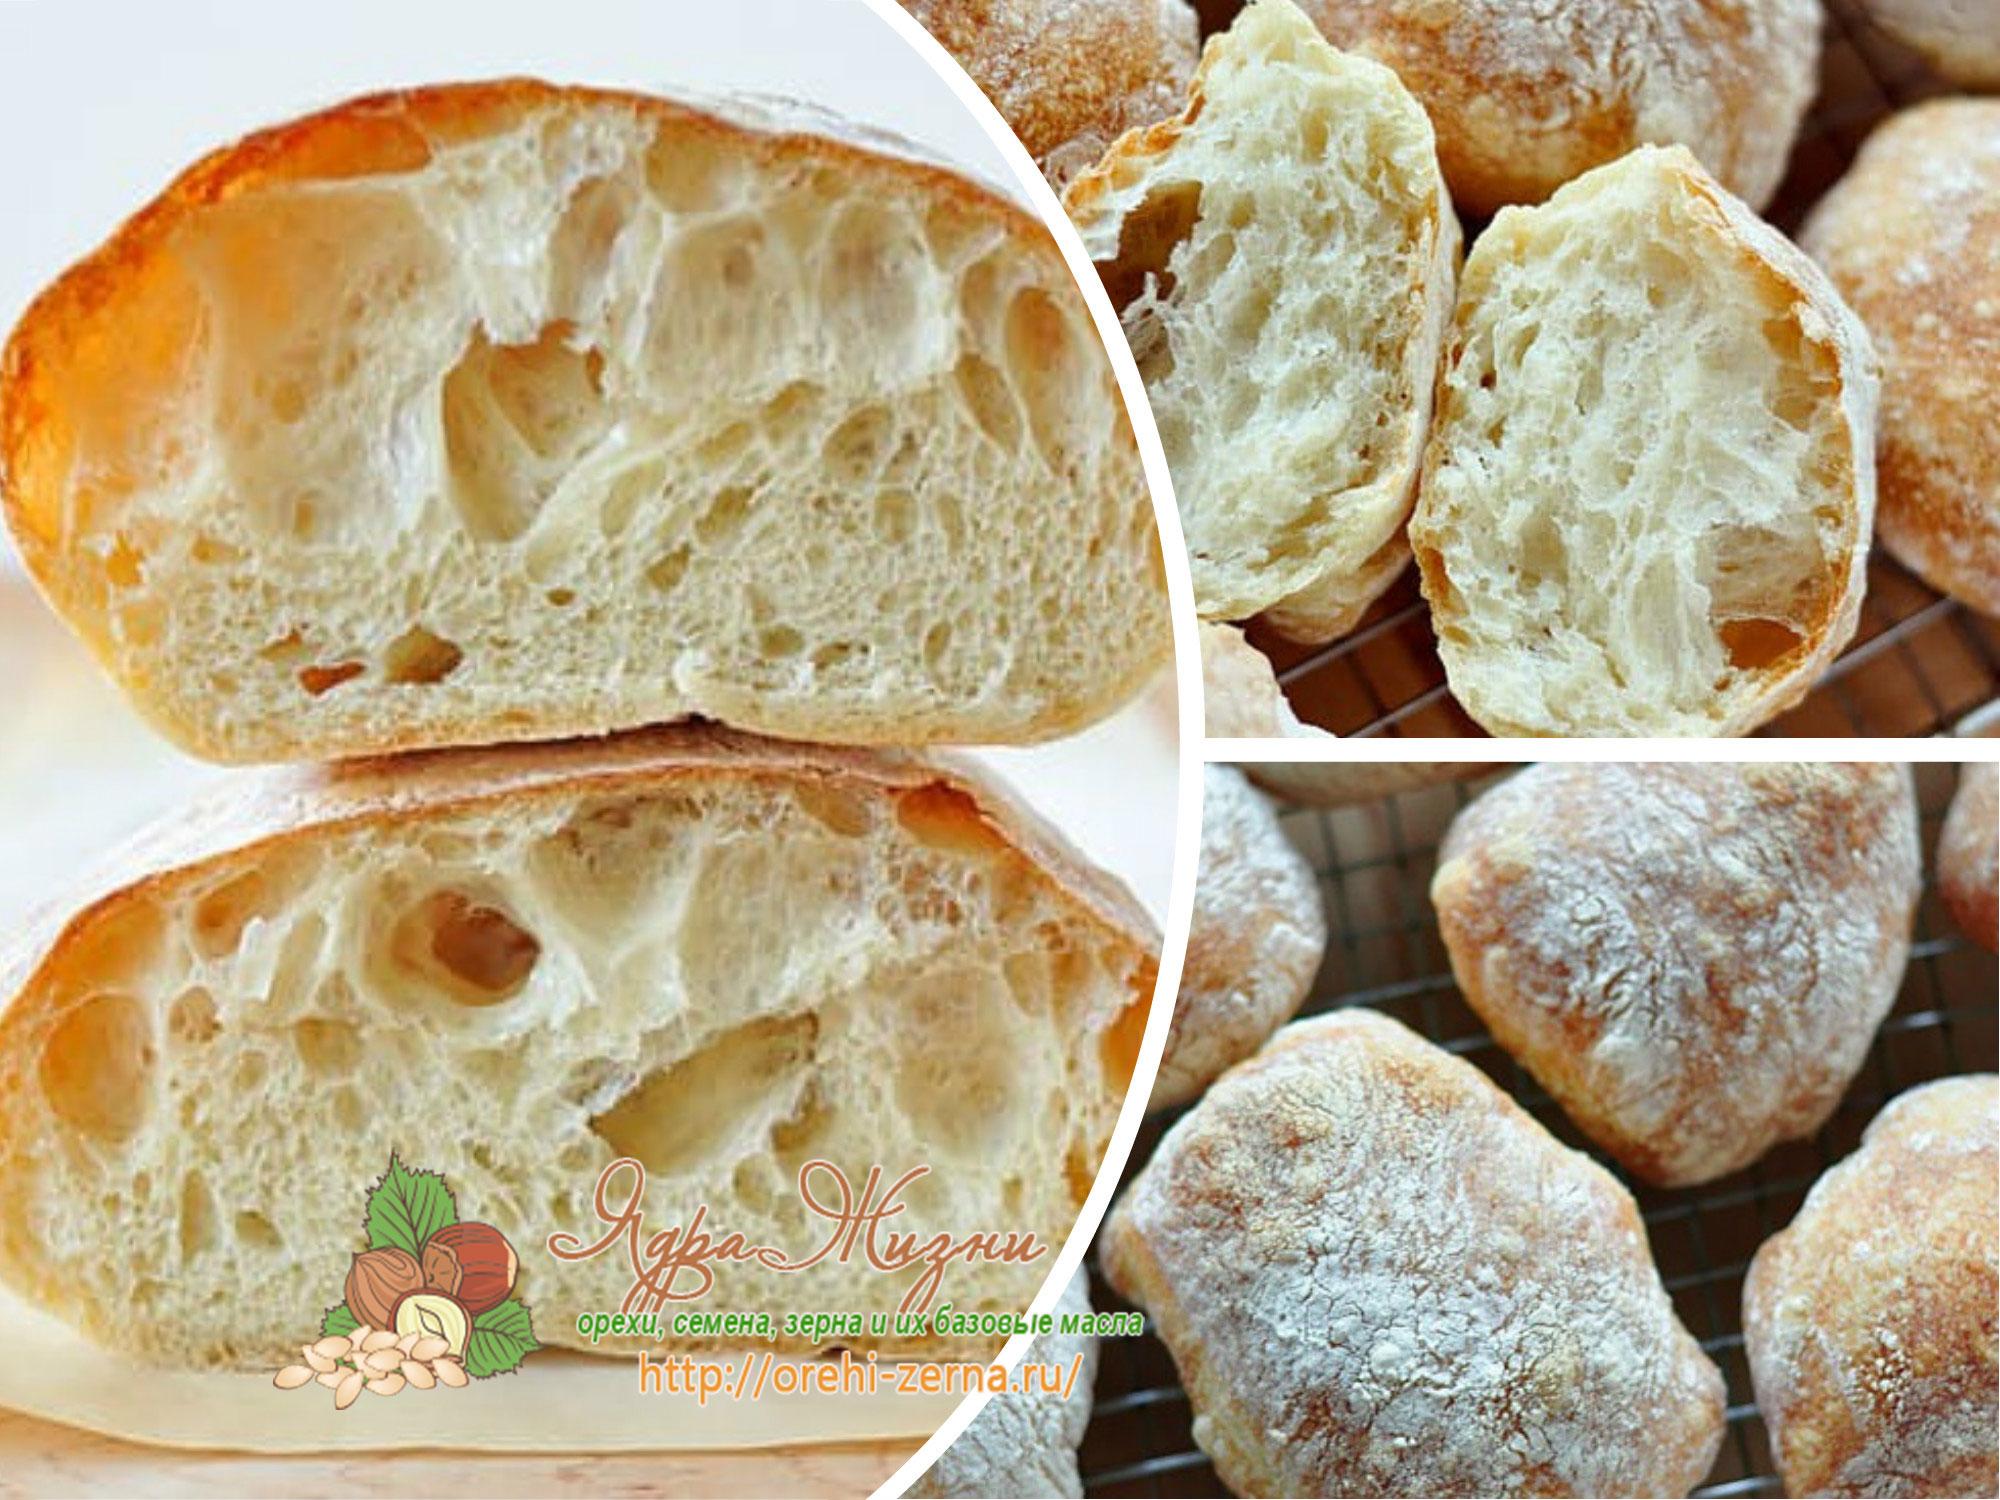 Рецепт чиабатты в домашних условиях в хлебопечке